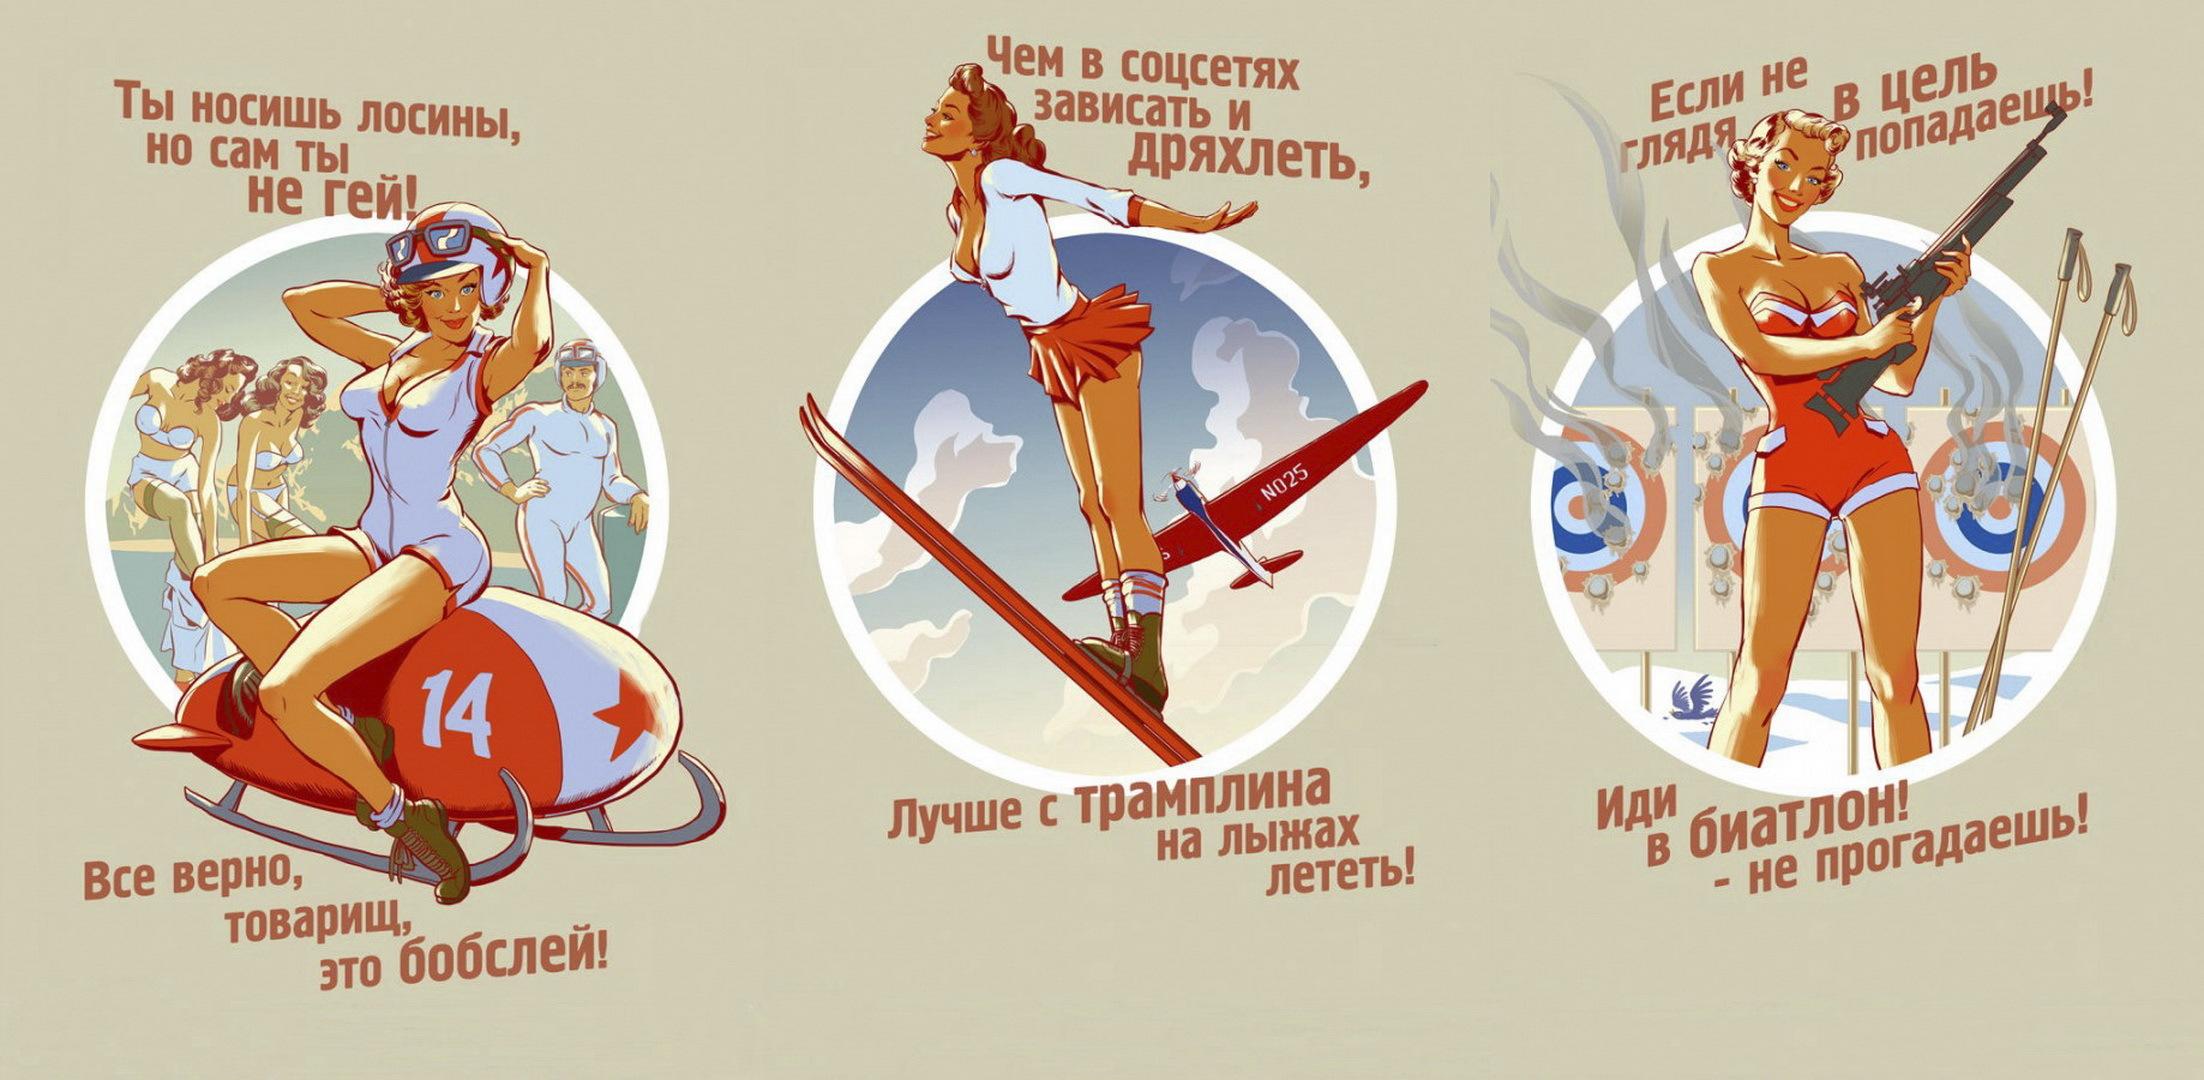 вот поздравления с юмором спортсмену видели тюнинг русских